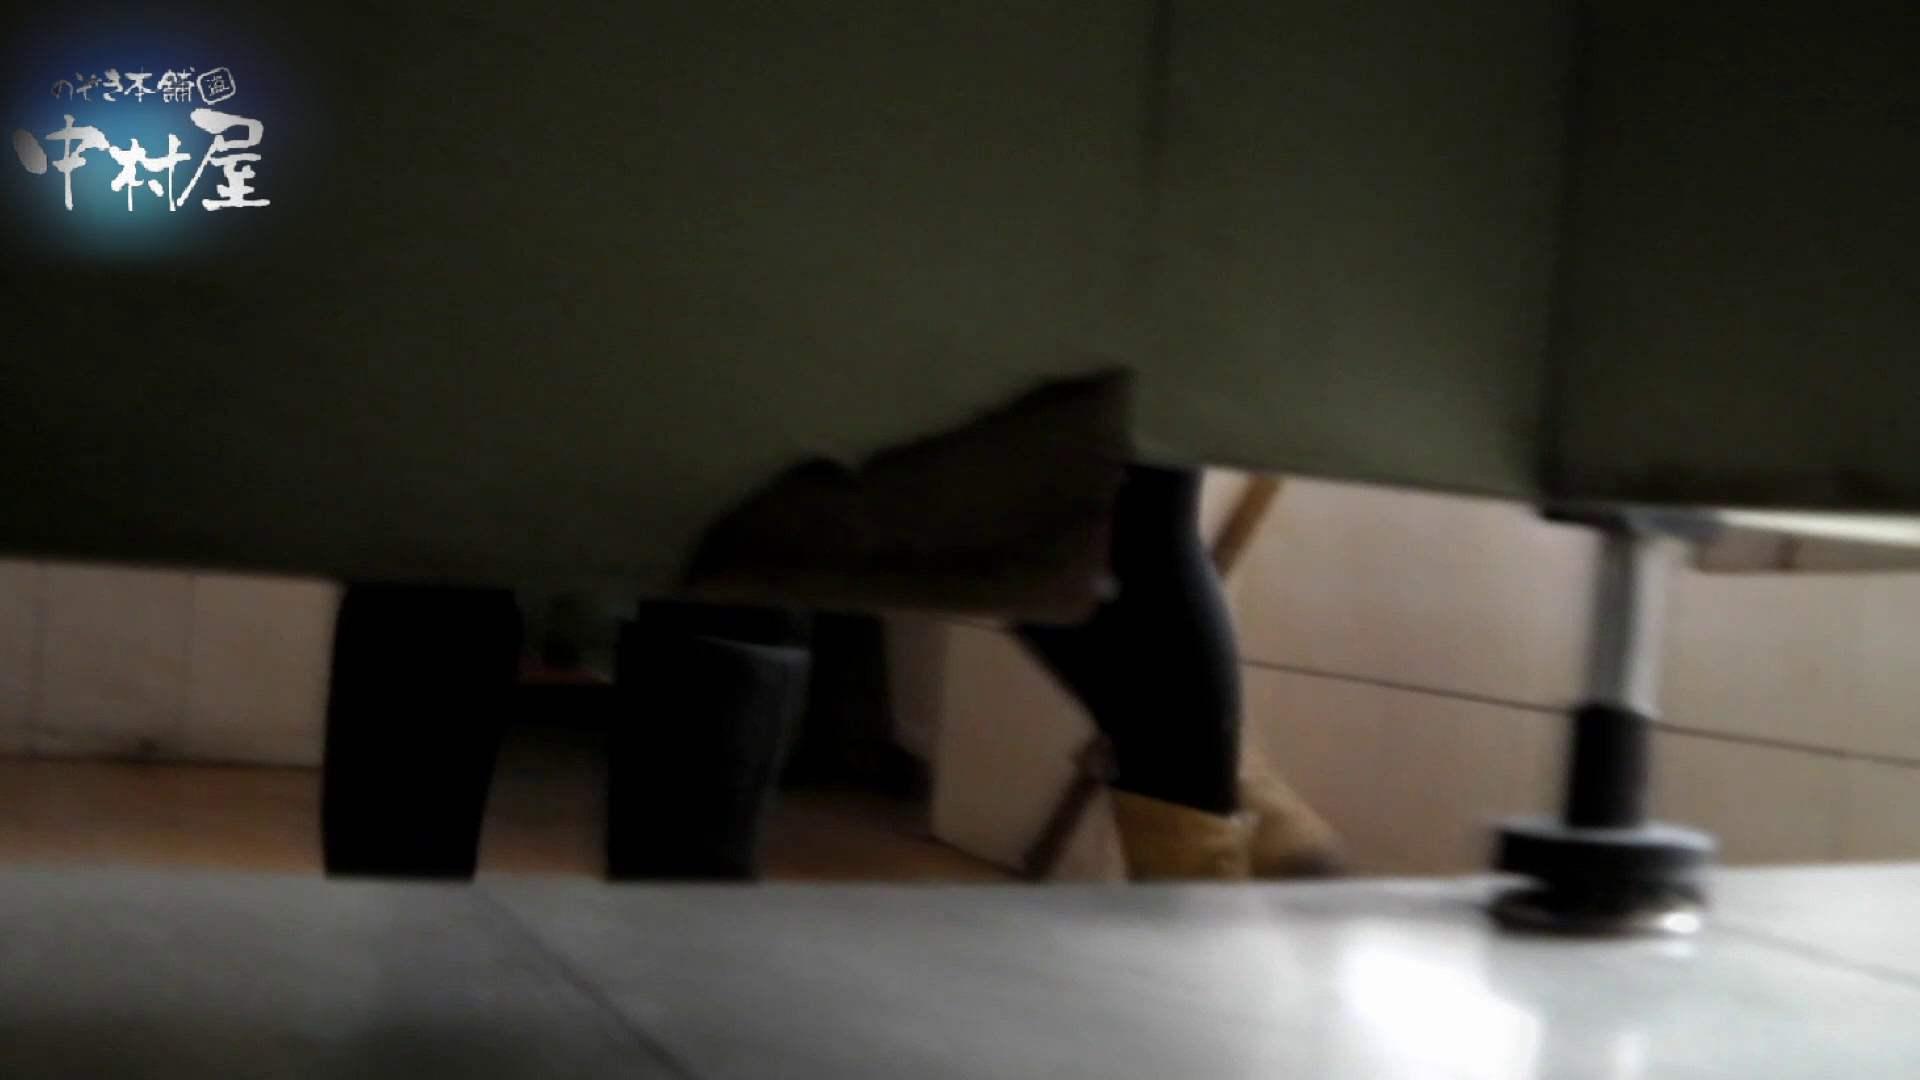 乙女集まる!ショッピングモール潜入撮vol.06 トイレ突入 AV無料動画キャプチャ 86pic 82